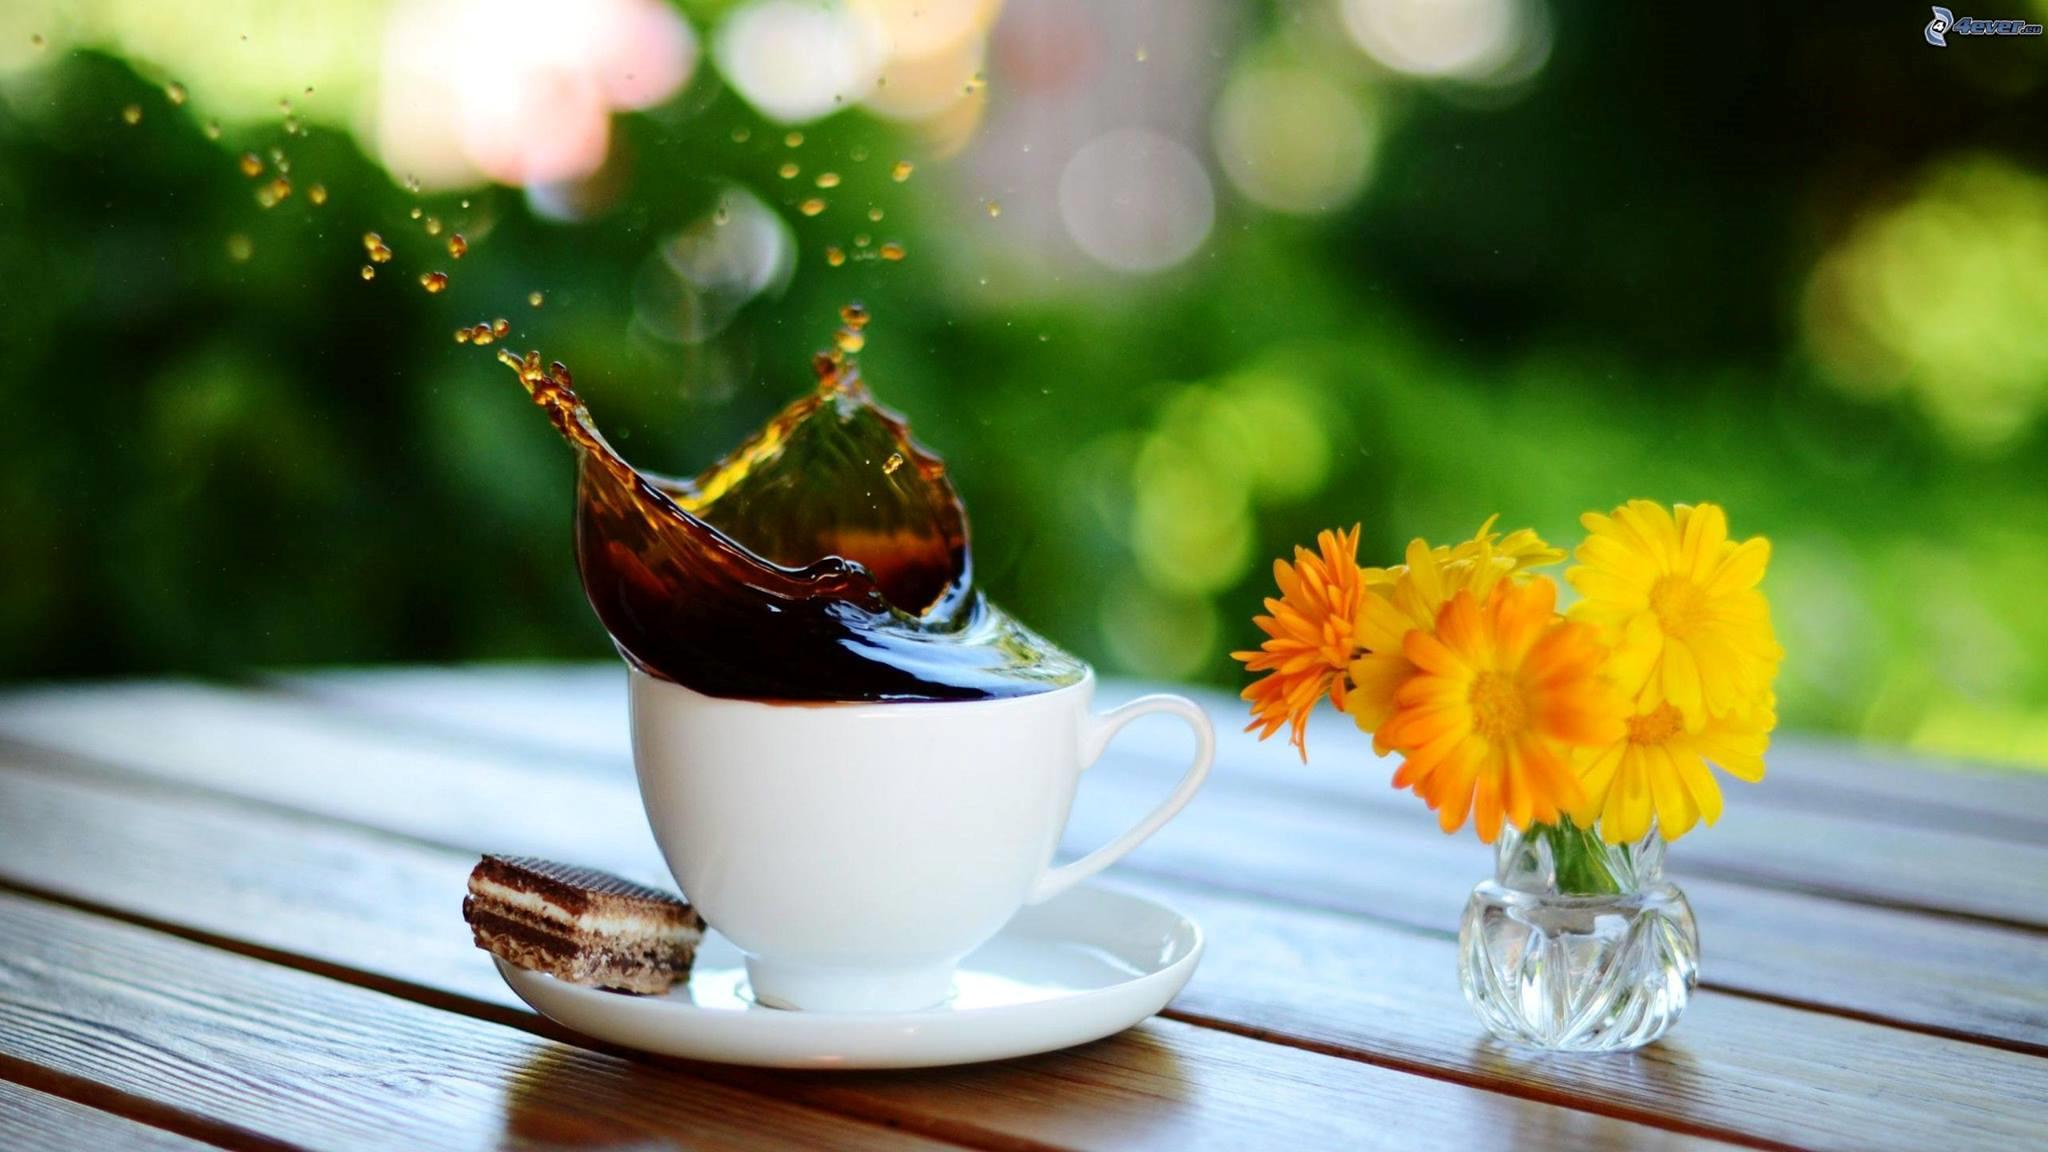 fiori e caffè